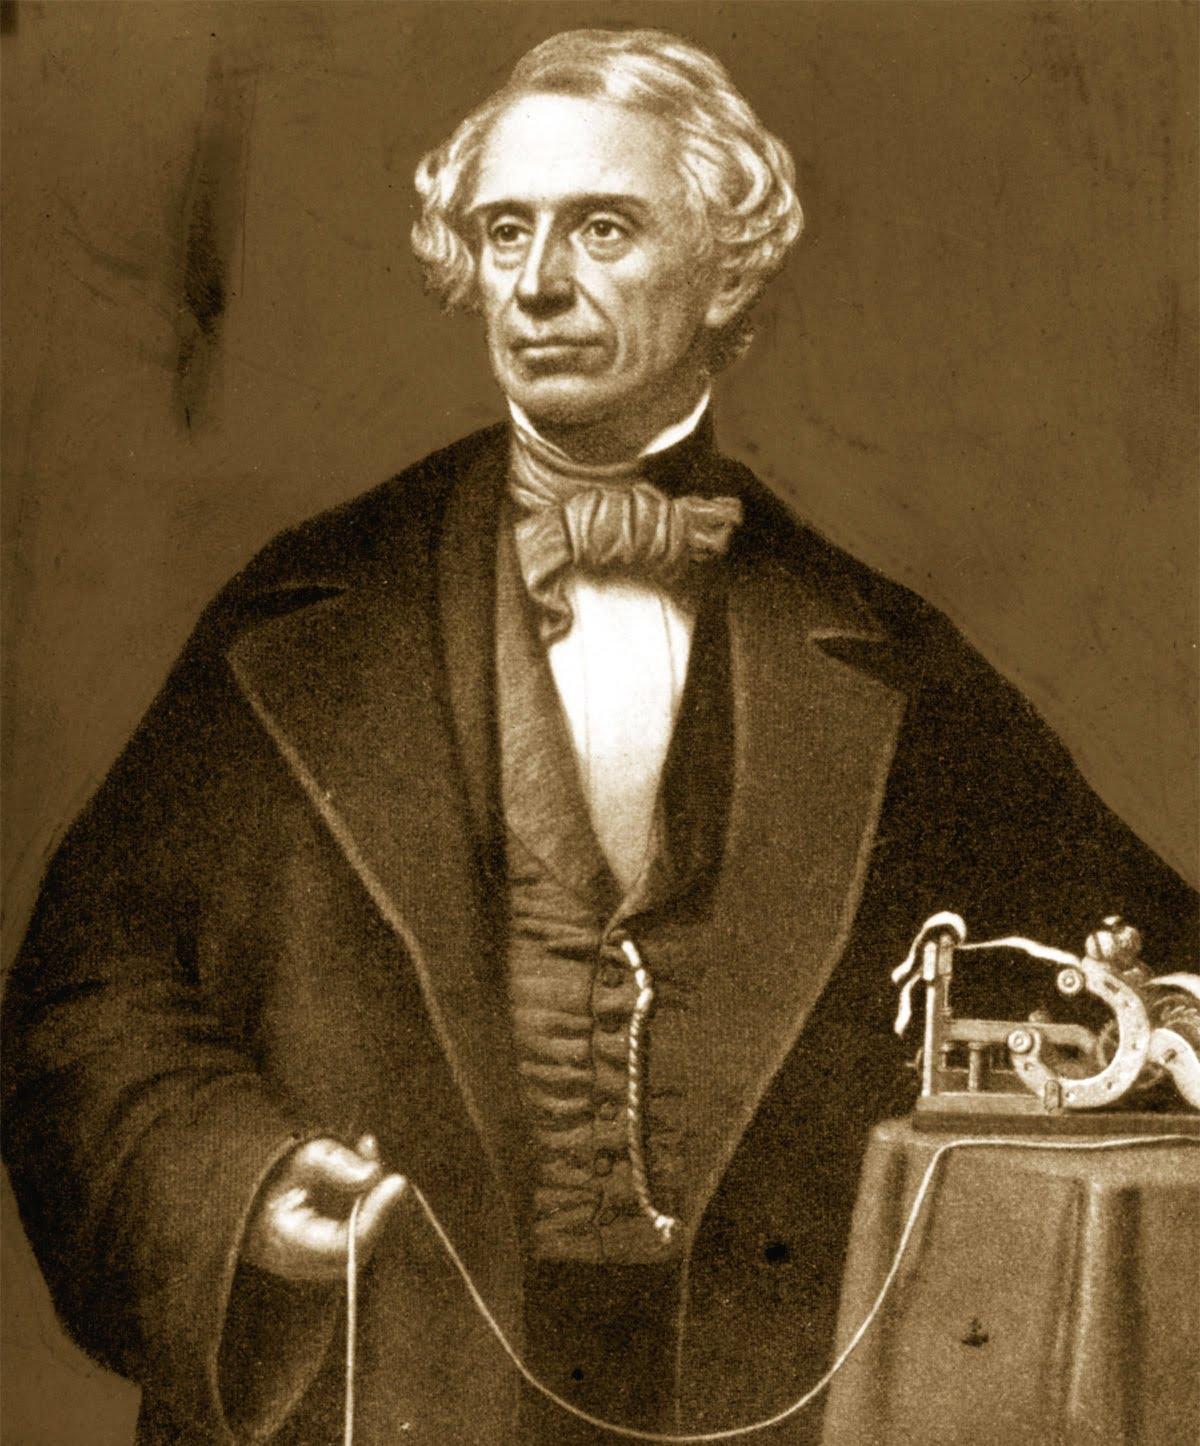 صامويل مورس.. الفنان الذي فقد زوجته فنجح في اختراع التلغراف